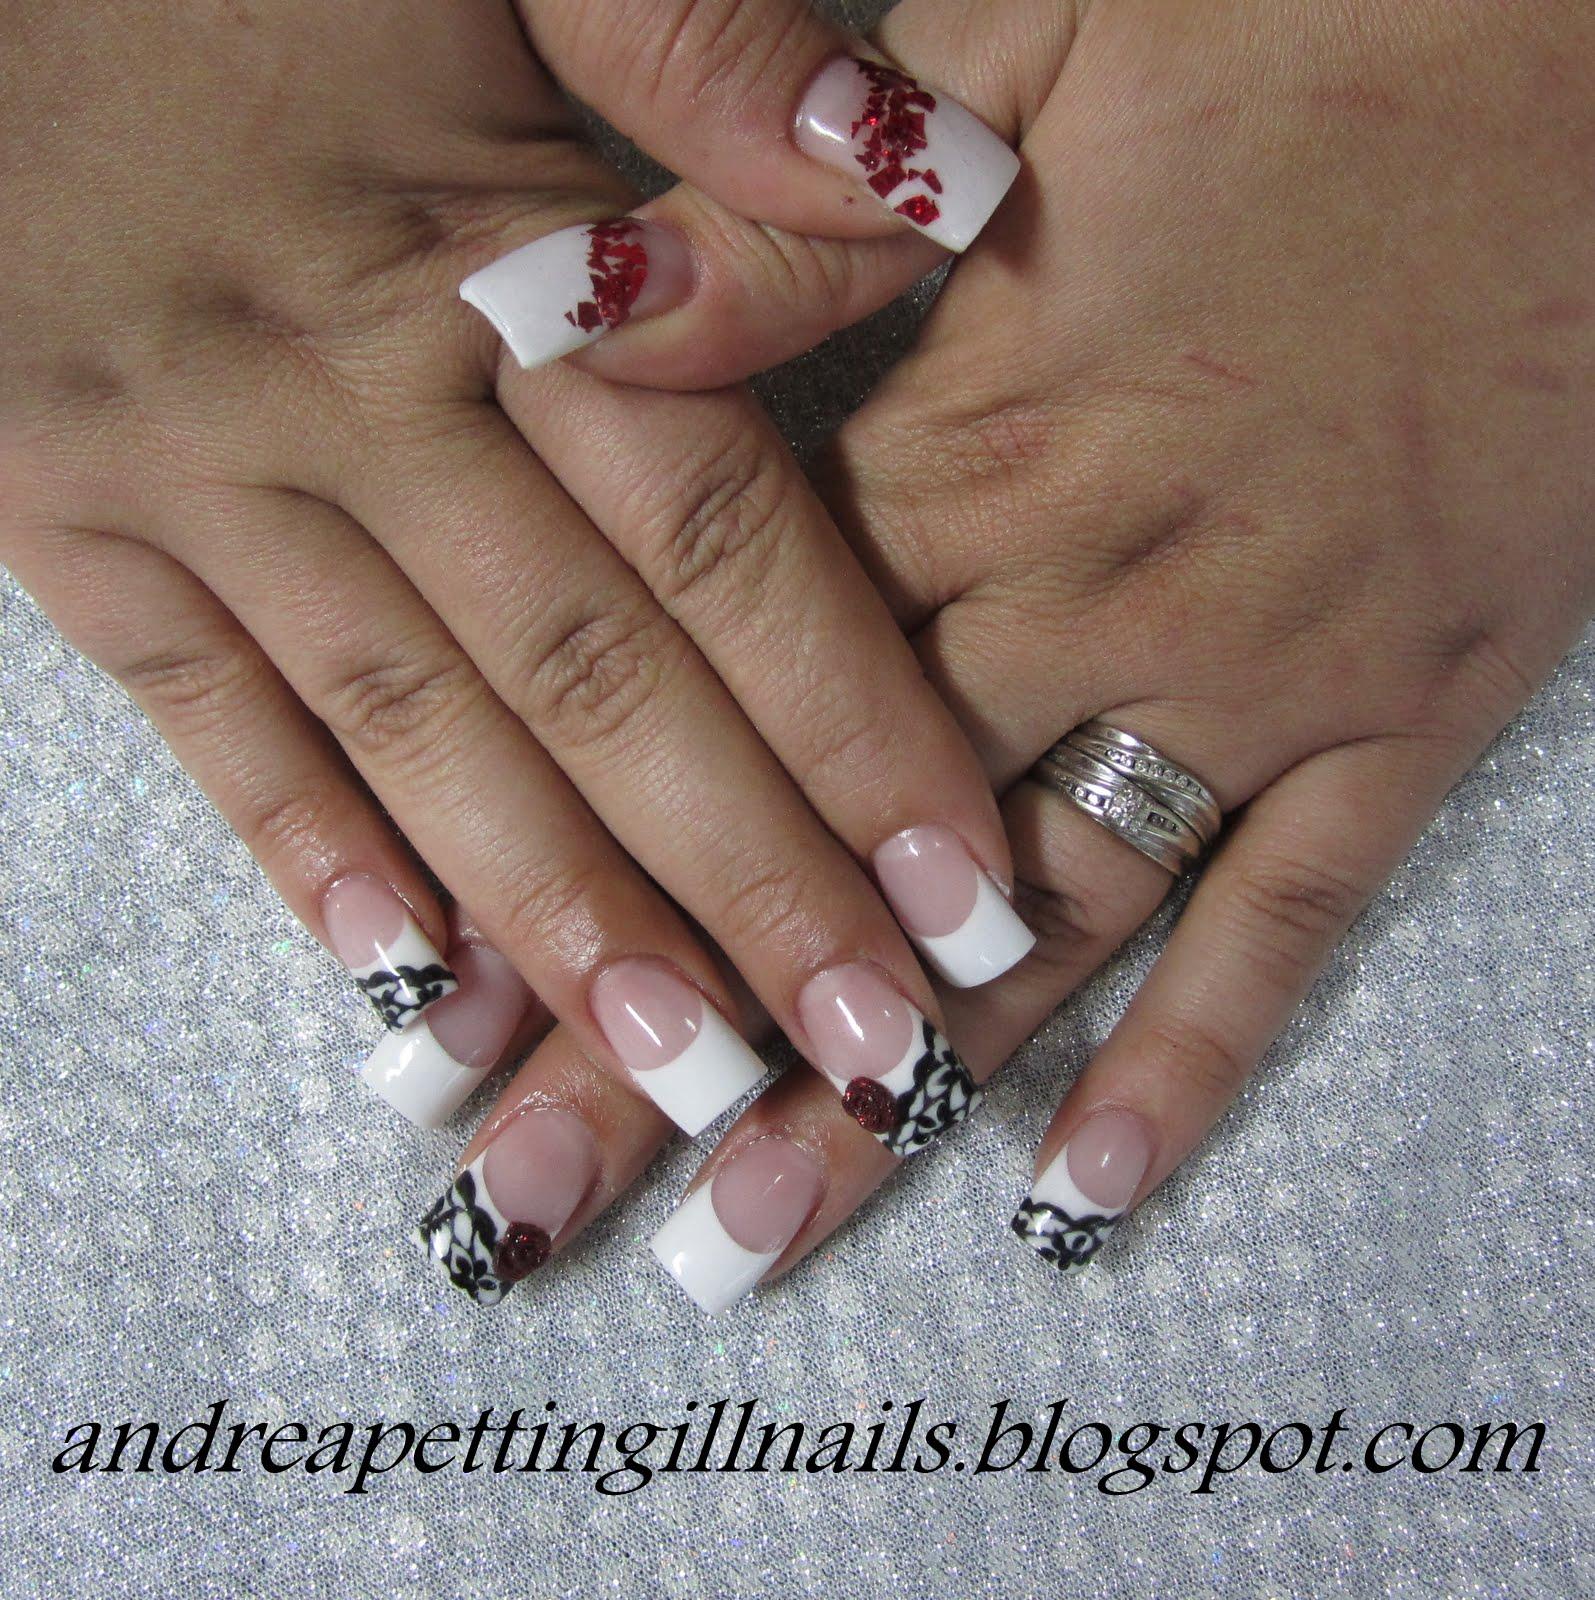 Andrea Pettingill Nails: May 2012